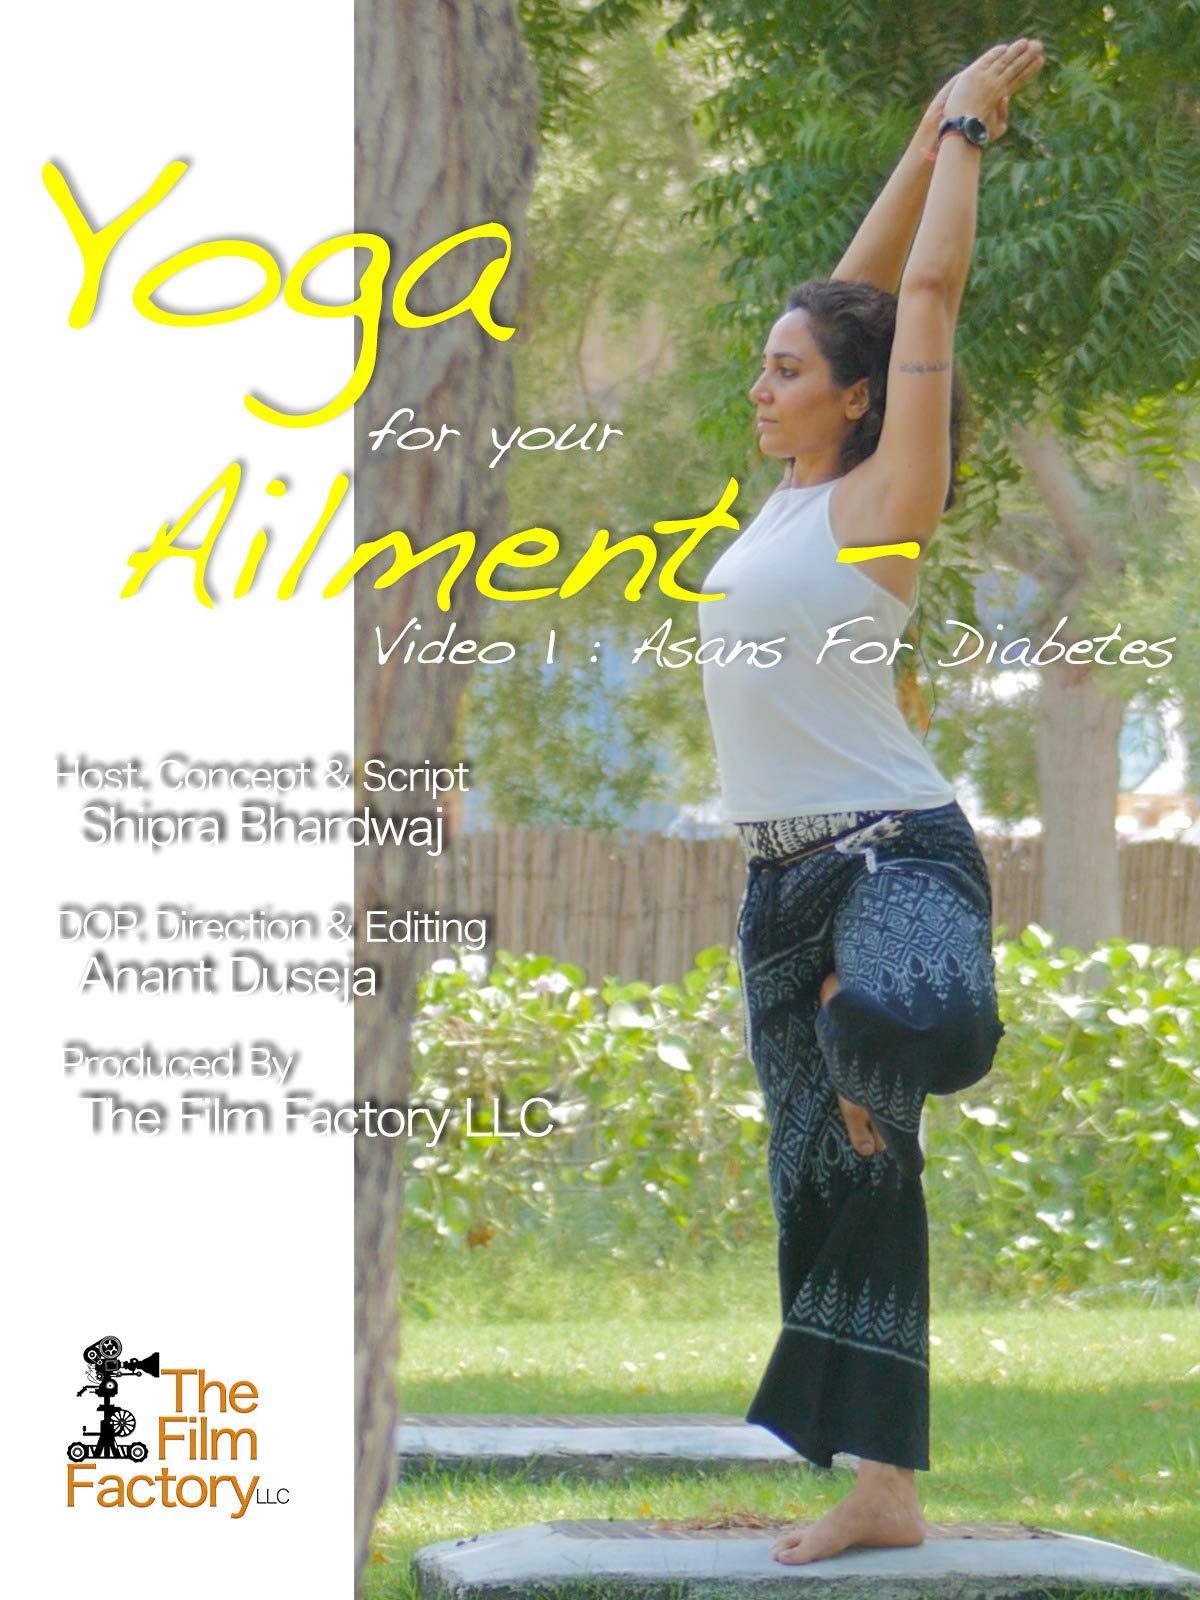 Amazon.com: Watch Yoga For Your Ailment - Video 1 : Asans ...